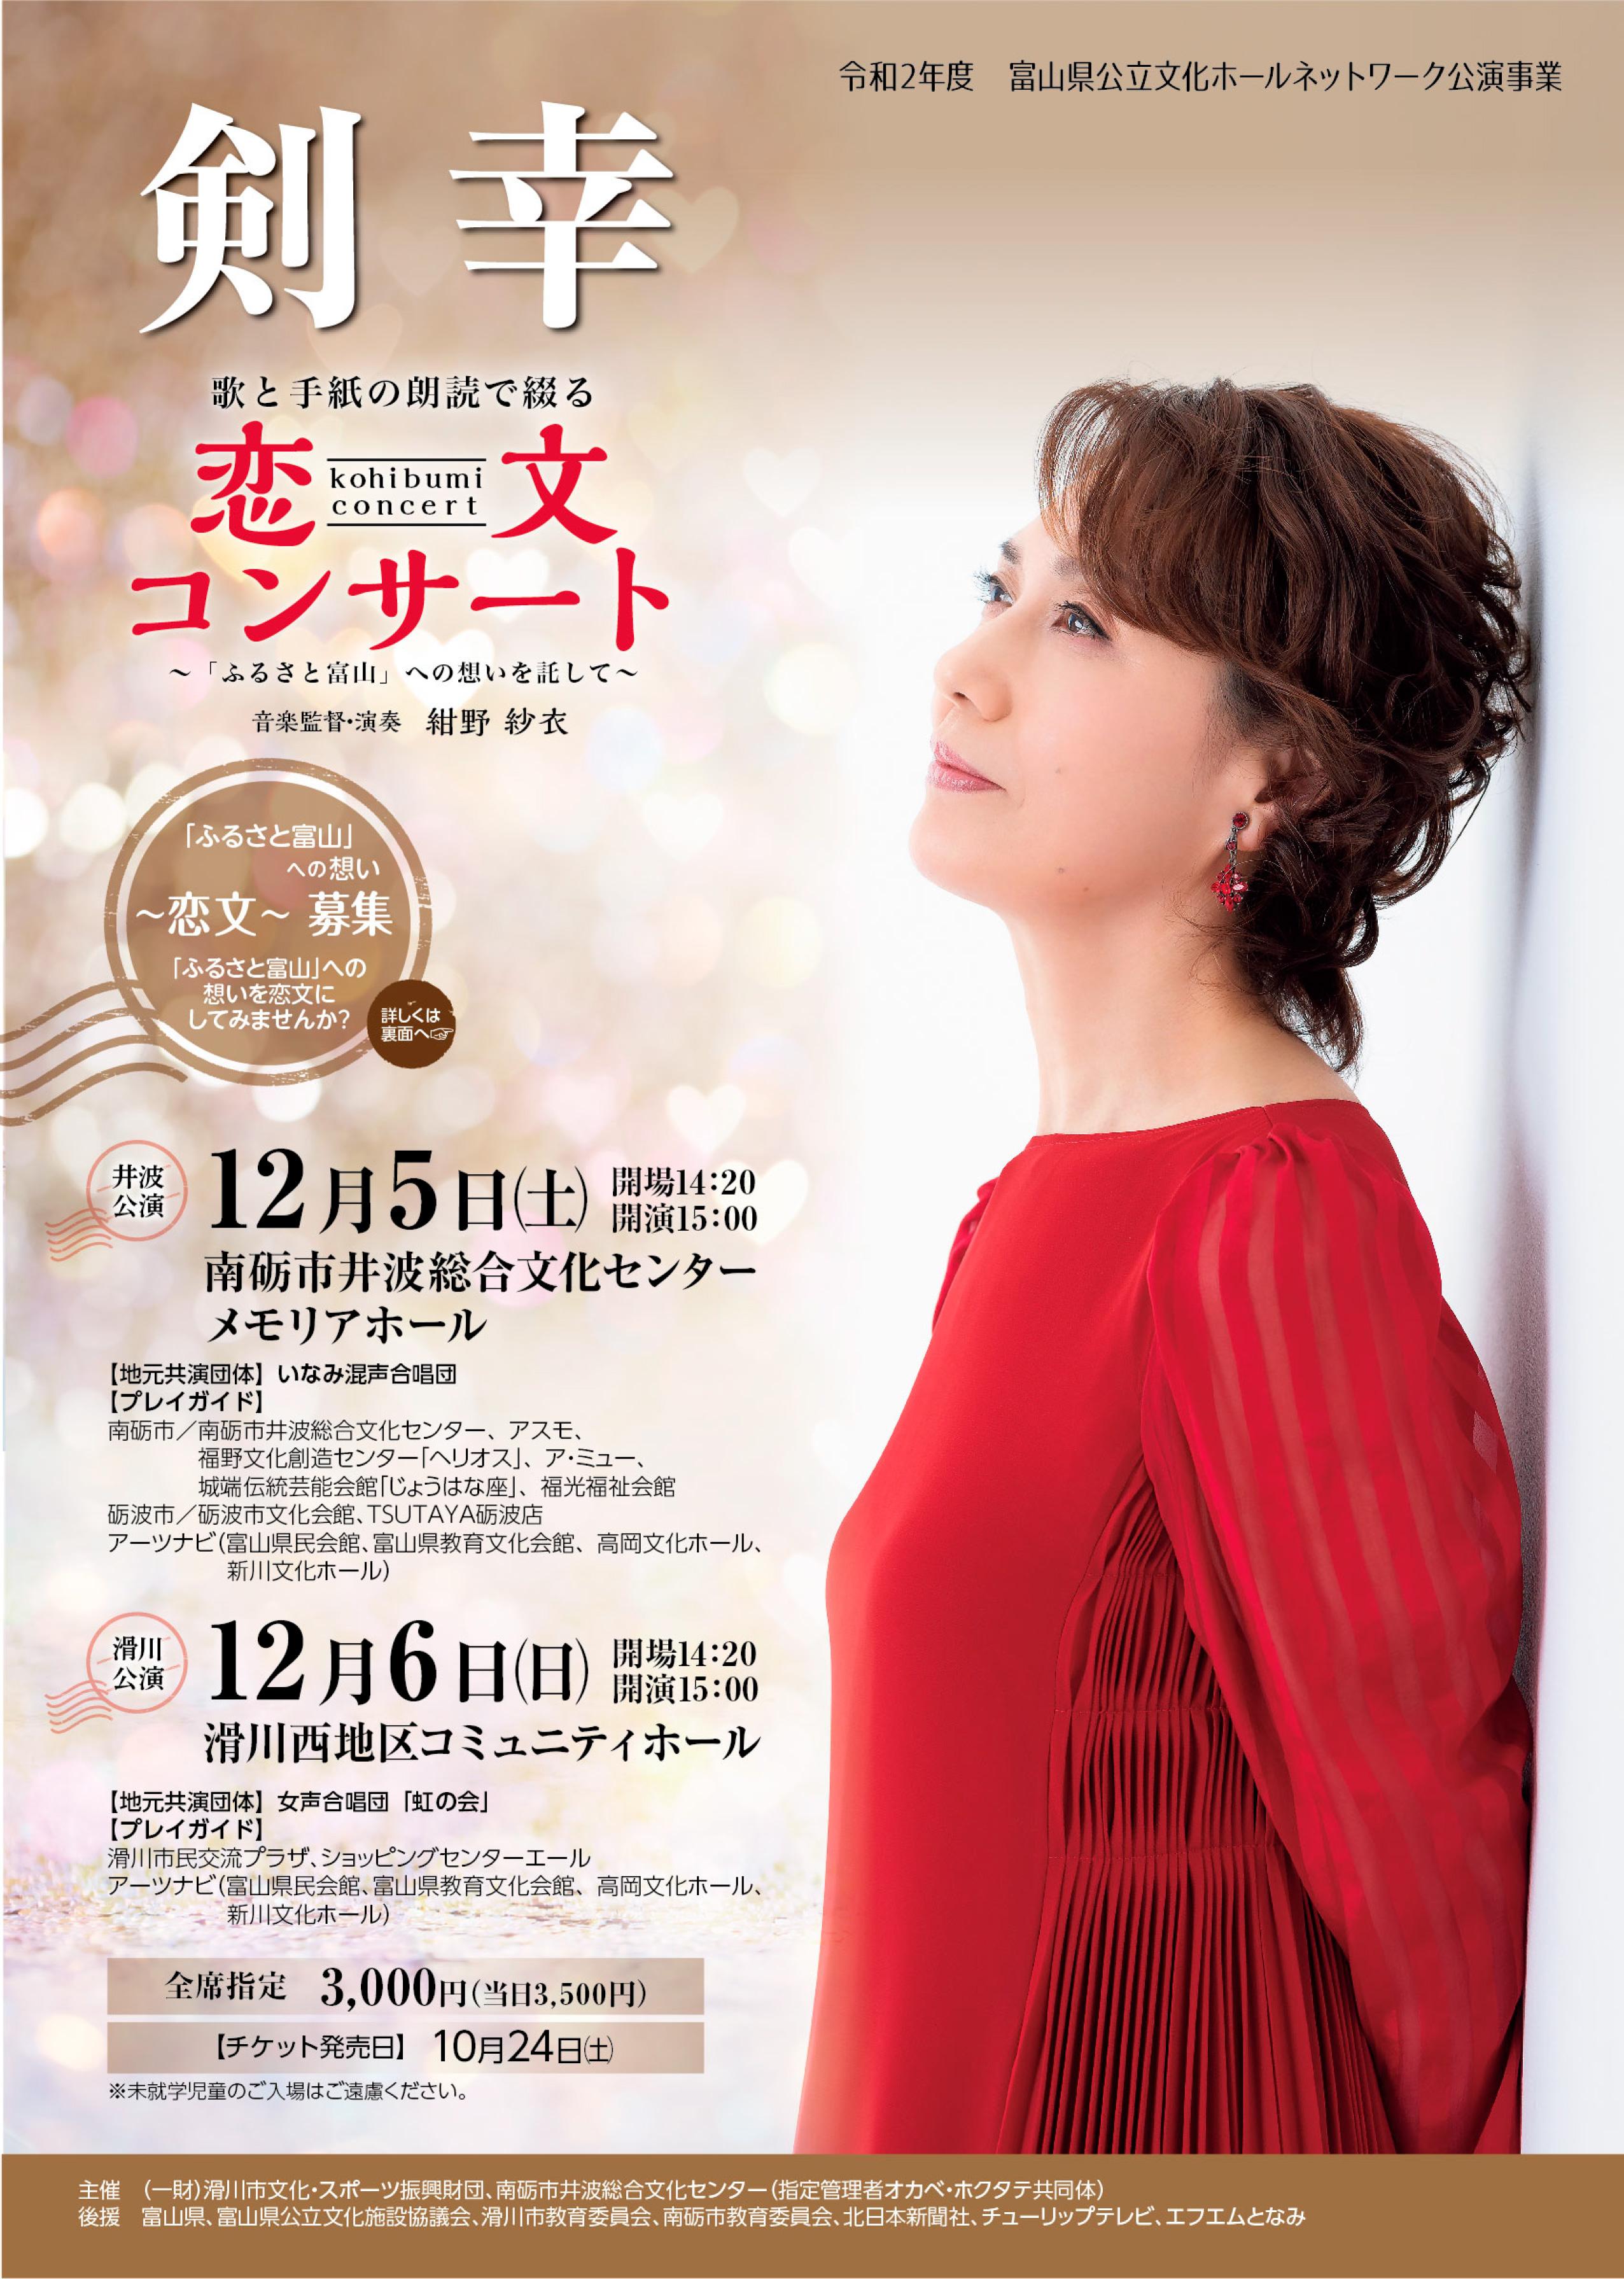 剣幸 恋文コンサート~「ふるさと富山」への想いを託して~の画像